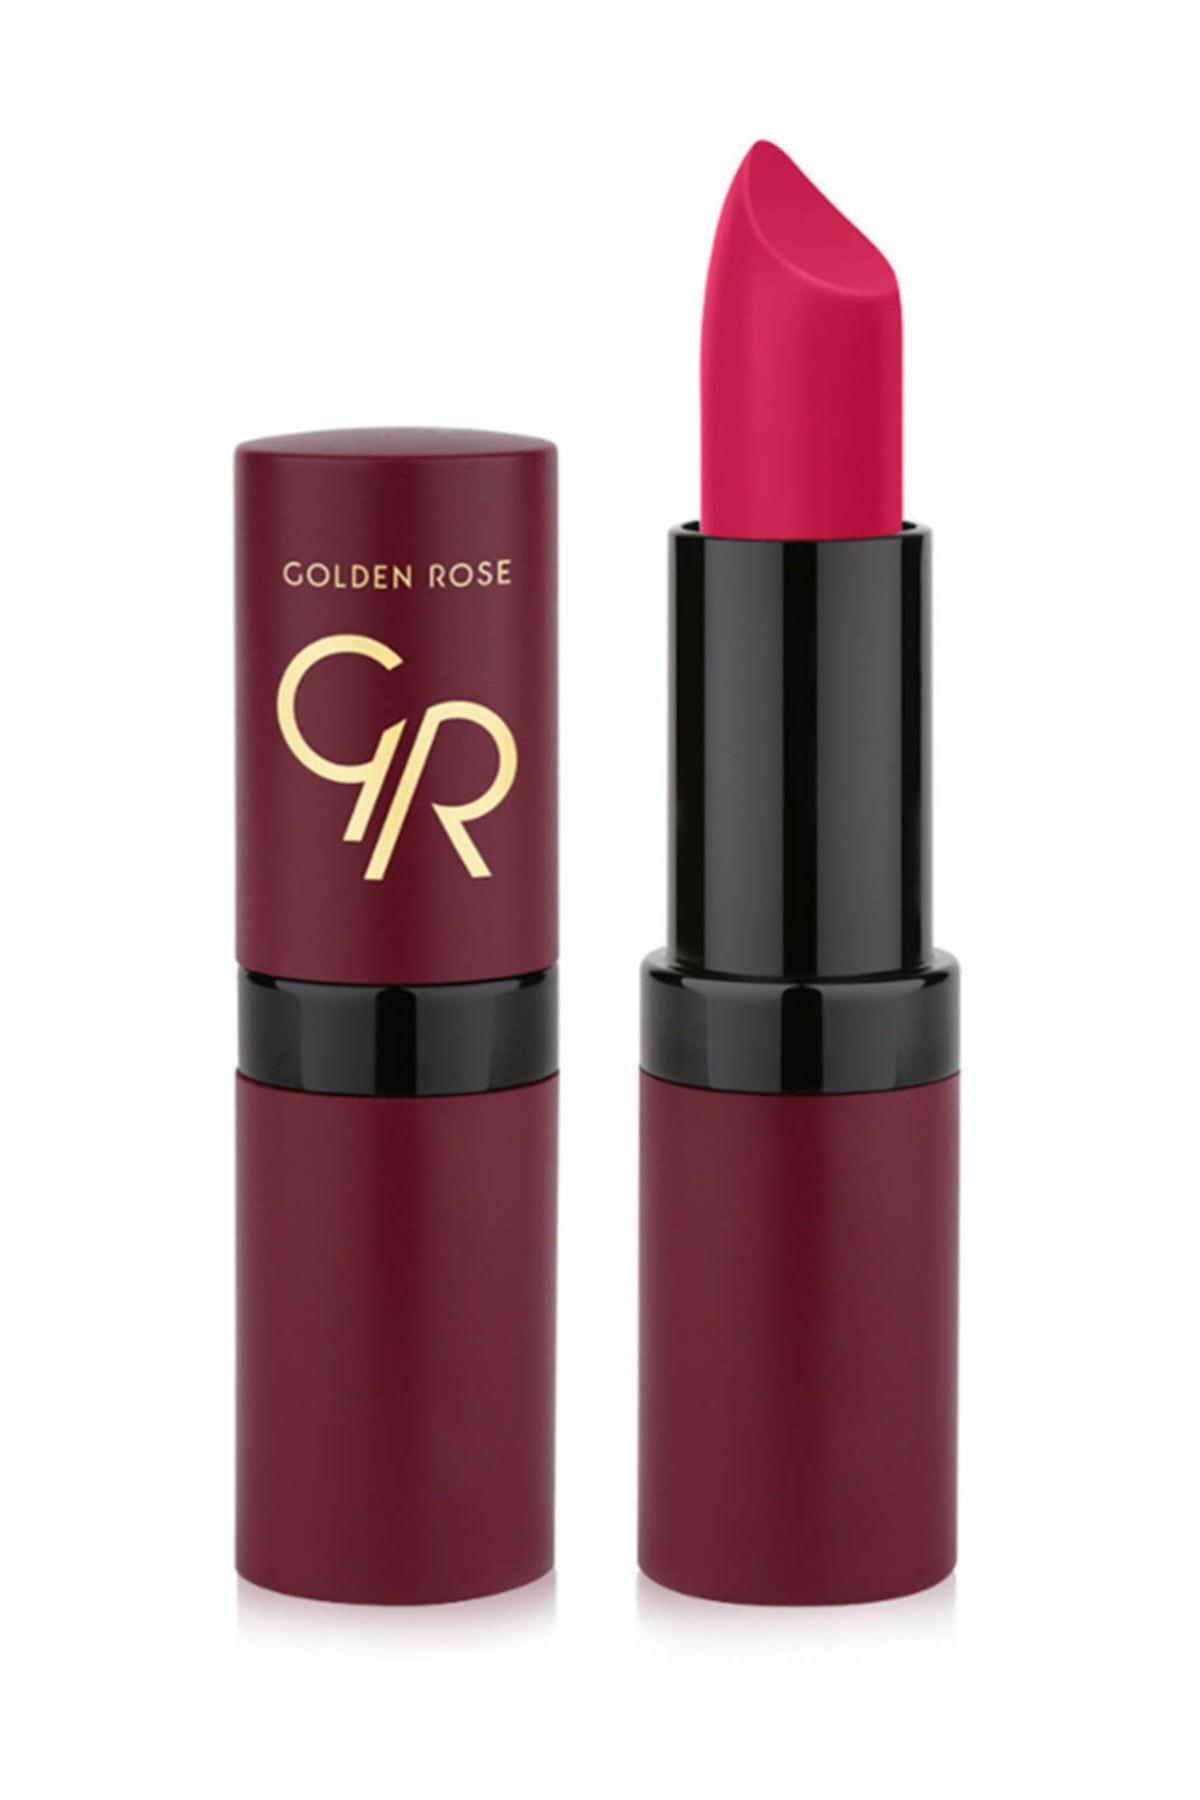 Golden Rose Mat Ruj - Velvet Matte Lipstick No: 17 8691190466176 1